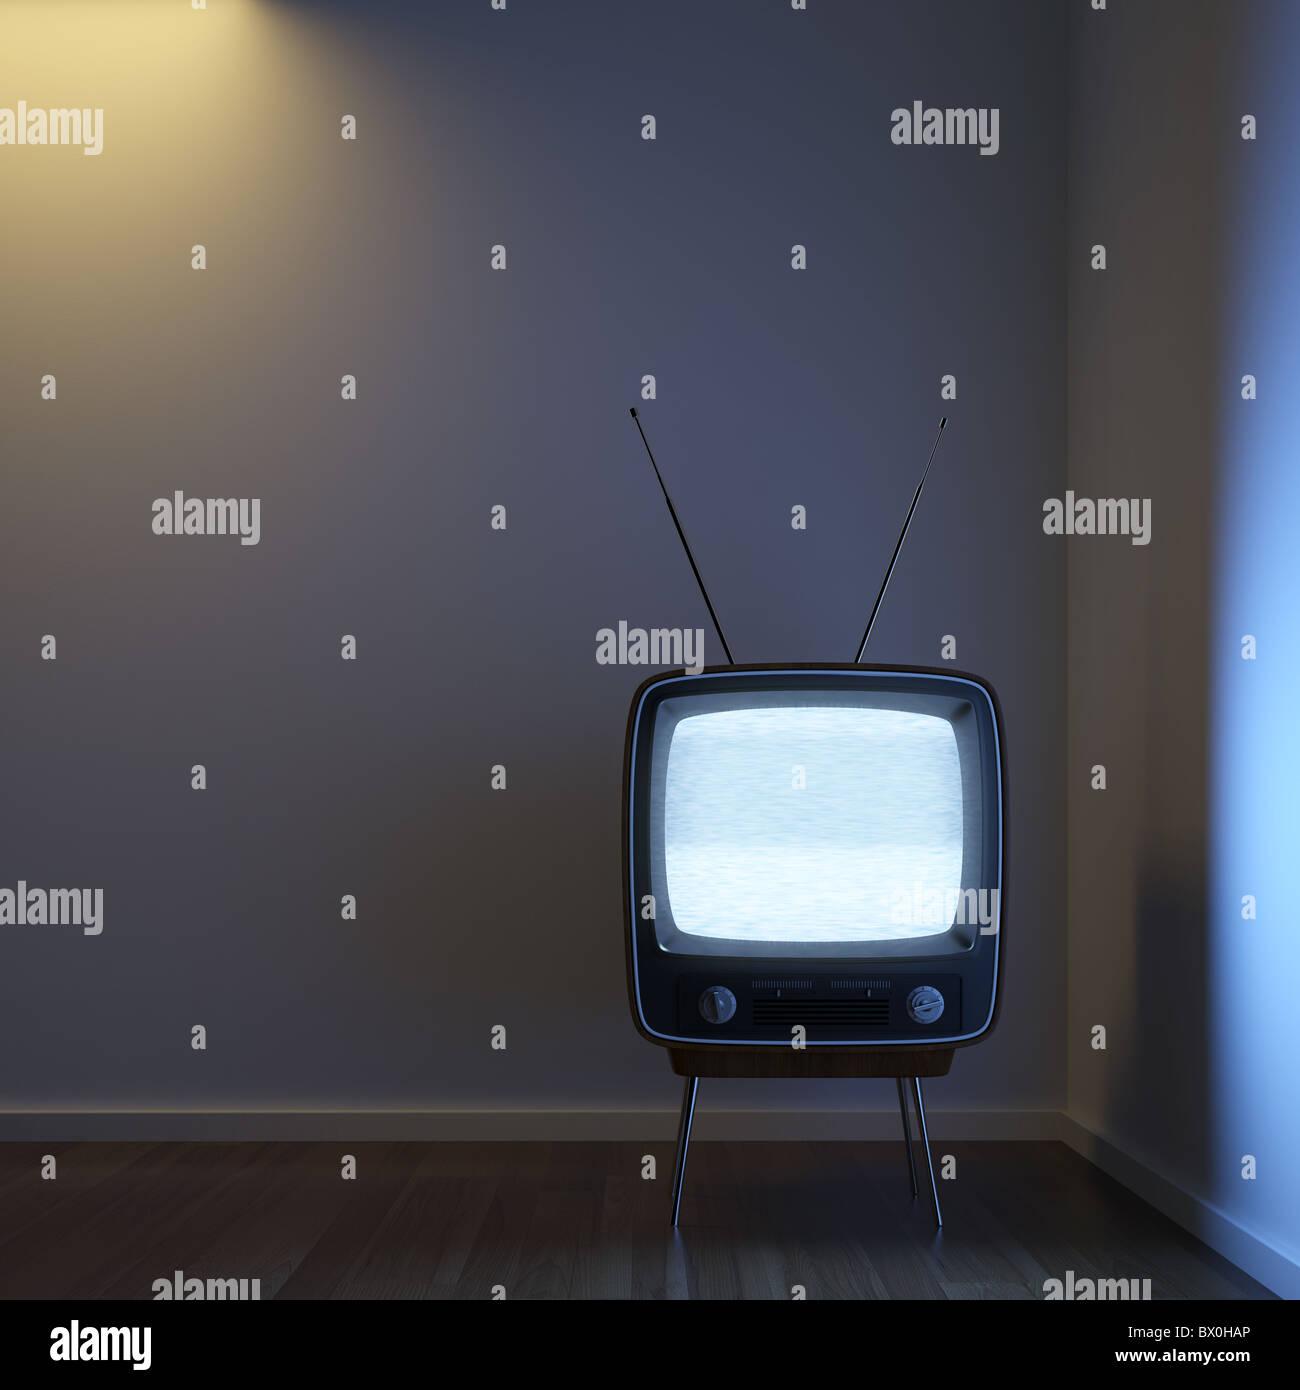 Un único retro TV en una habitación en la esquina, mostrando el ruido de la señal con una iluminación Imagen De Stock